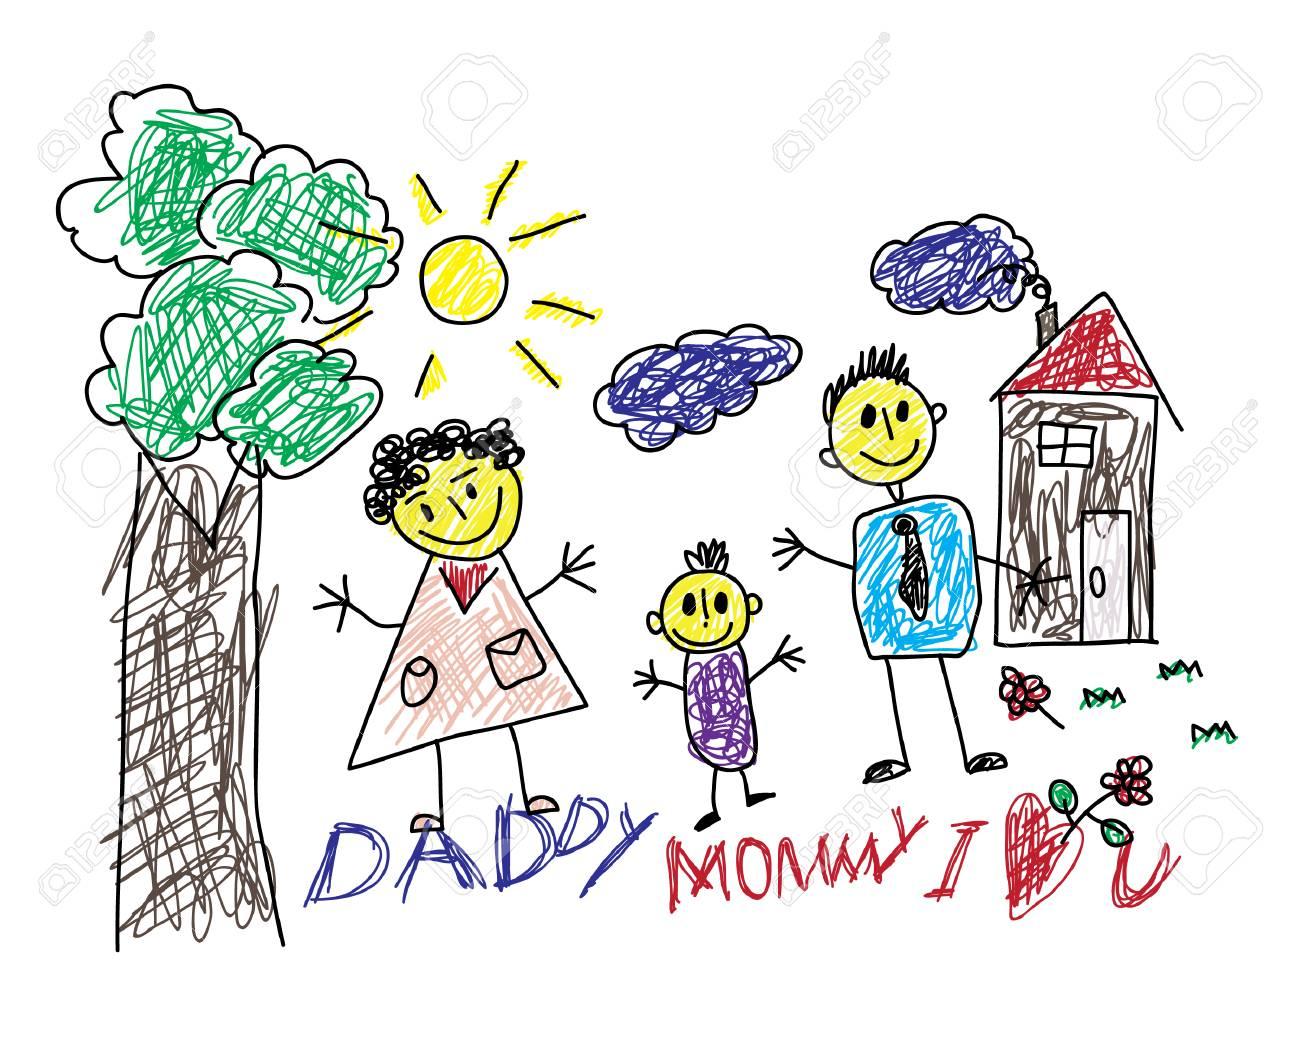 Disegni Dei Bambini Carini Di Una Famiglia Felice E Con Un Testo Mamma Papà Ti Amo